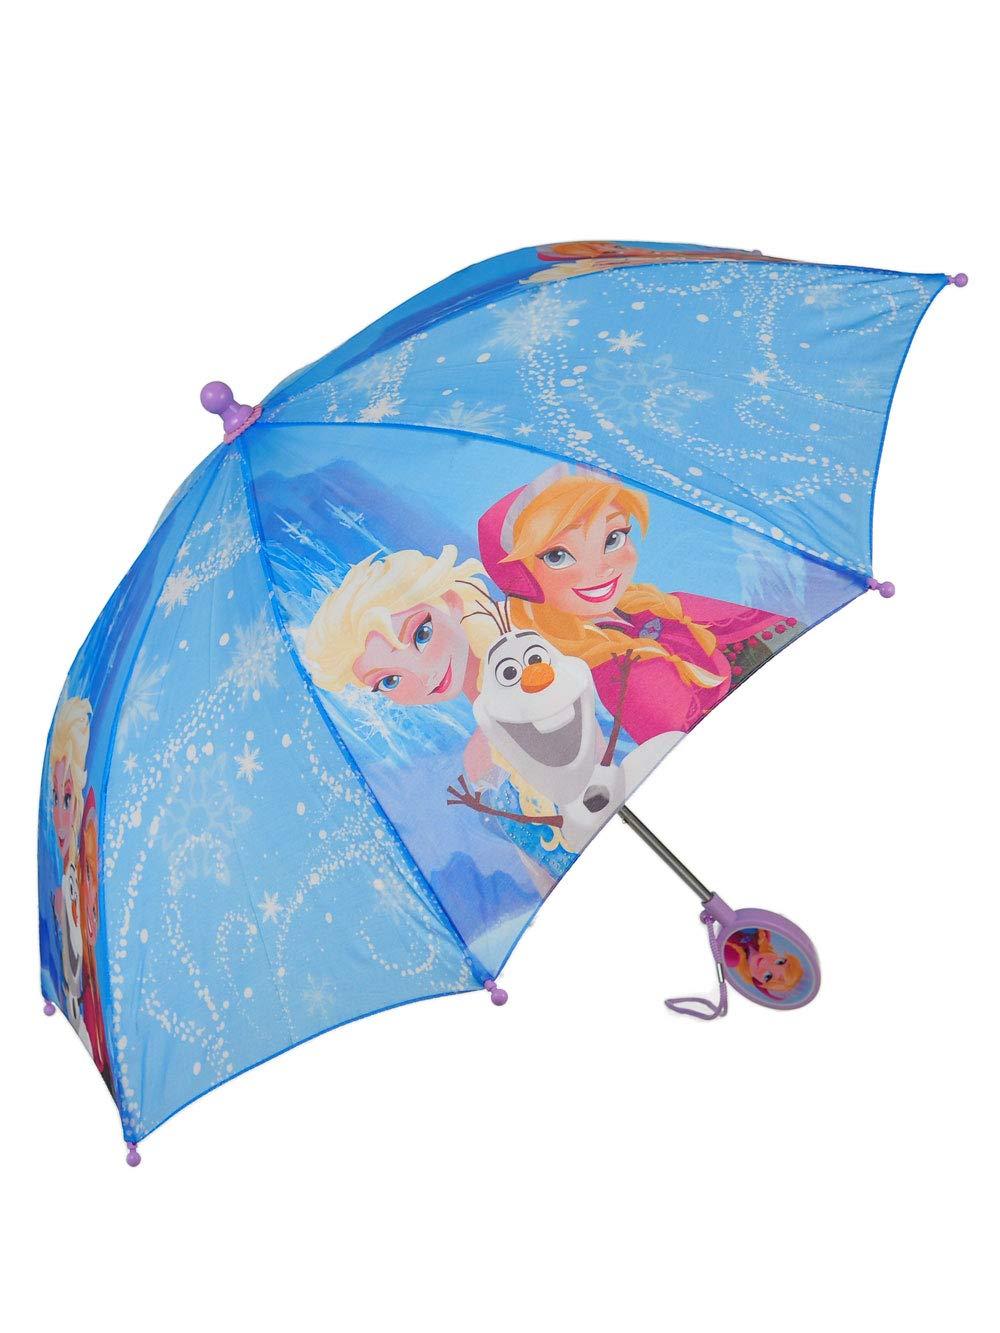 Amazon.com: Disney Frozen Elsa & Anna 21